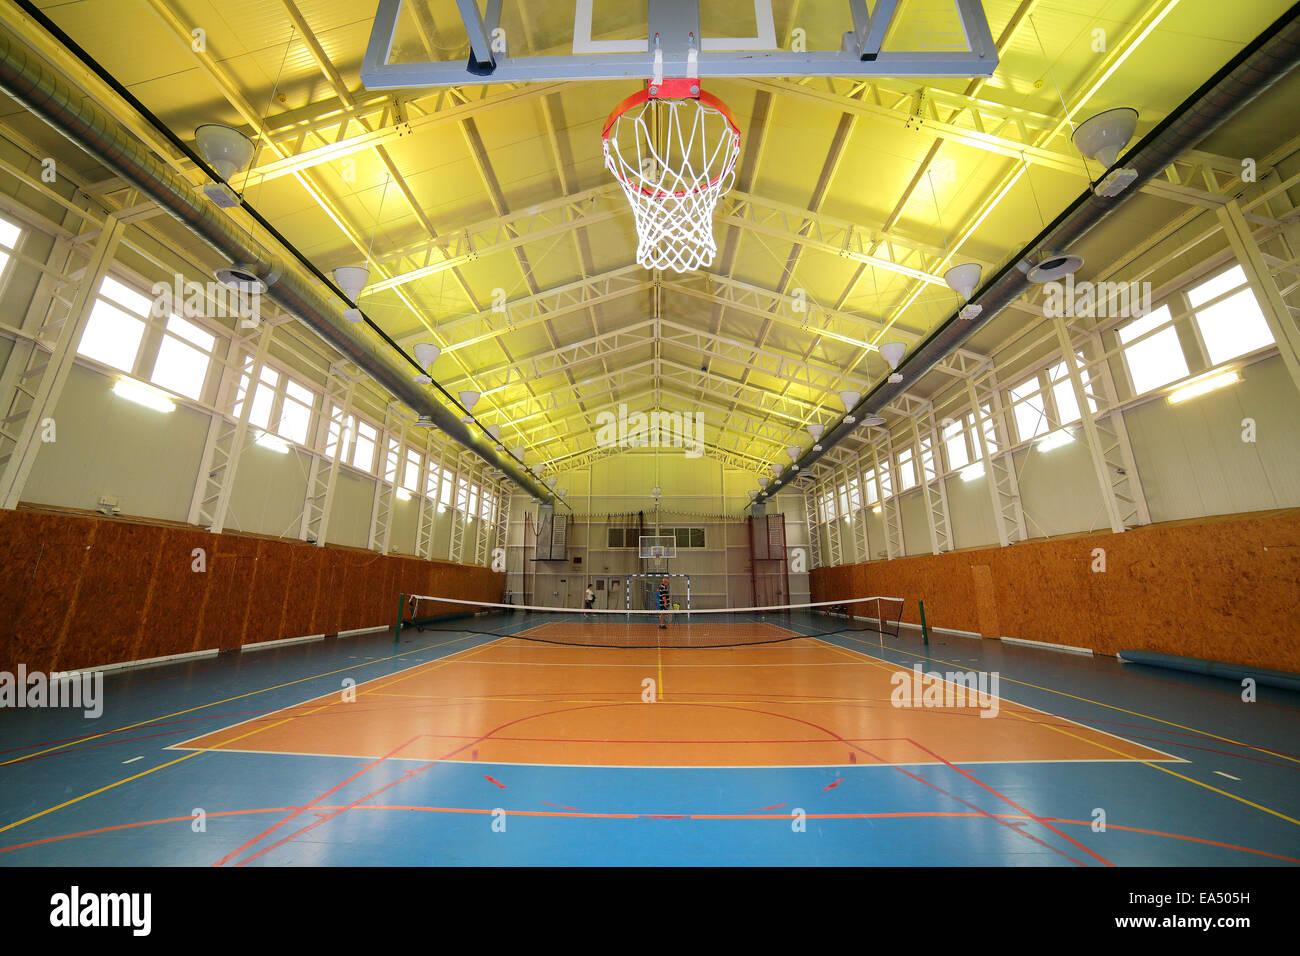 Basketball sports hall - Stock Image